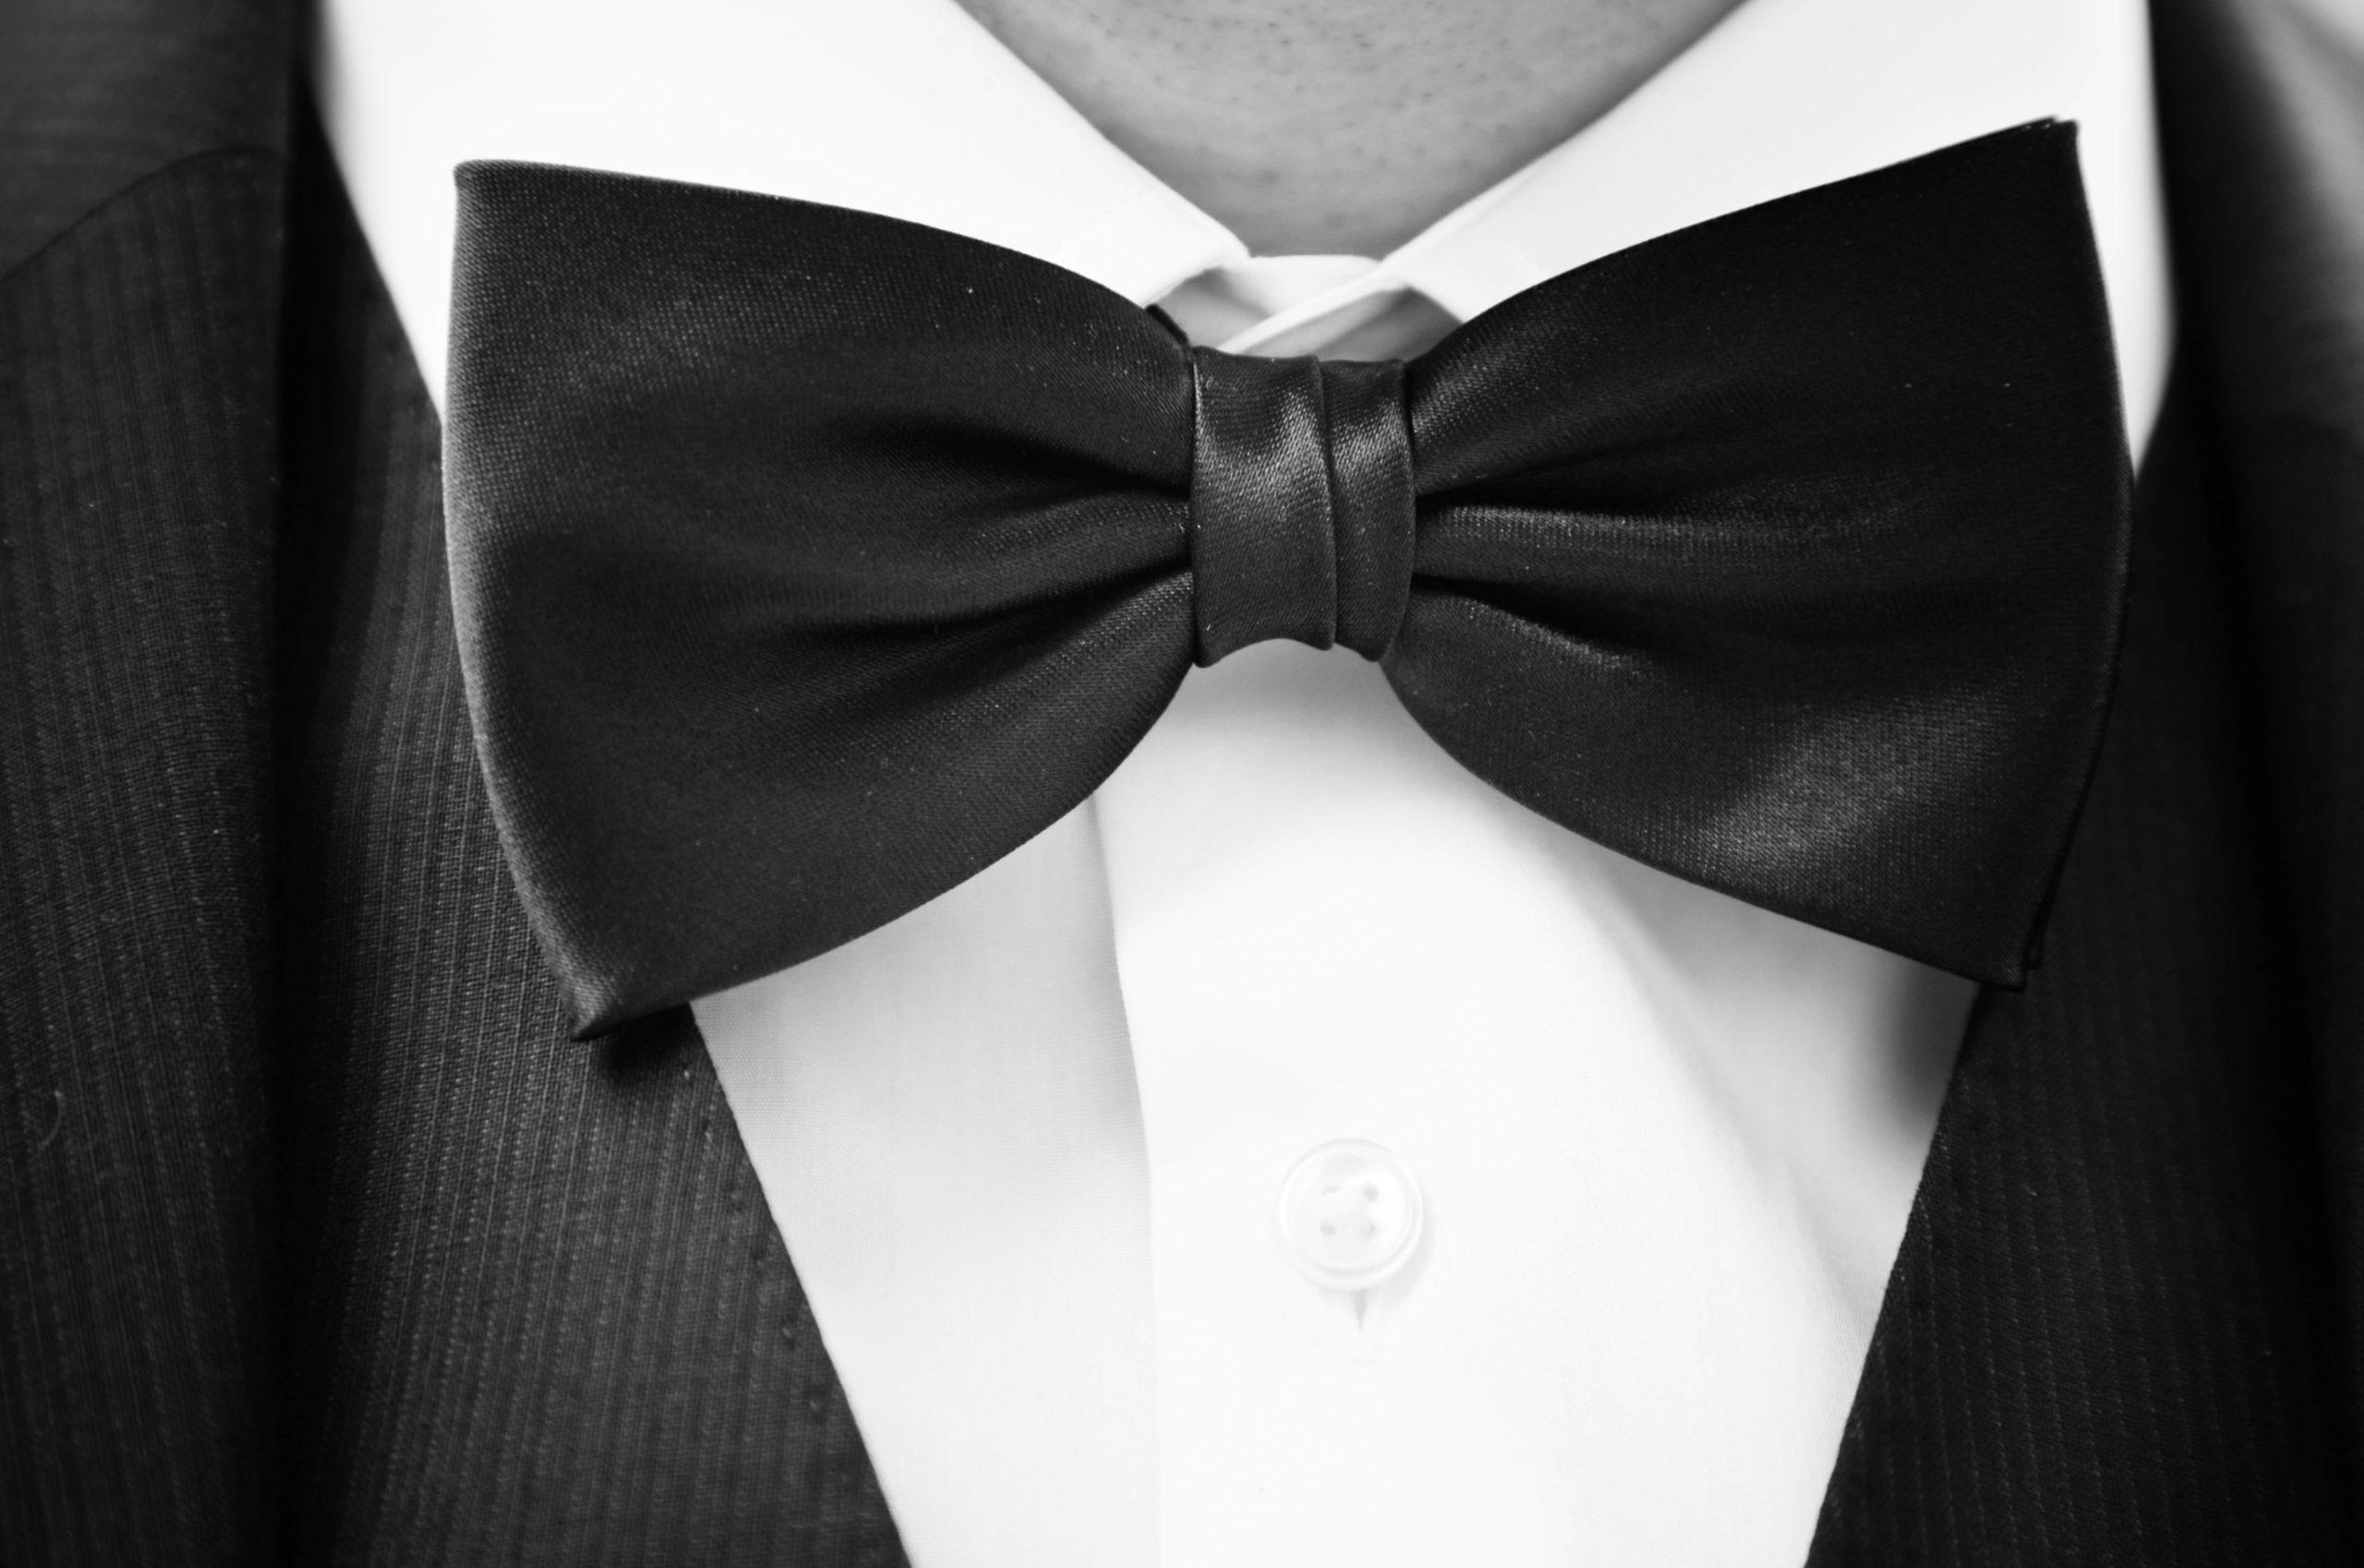 Mucha czy krawat? Podpowiadamy, które z nich wybrać na wesele